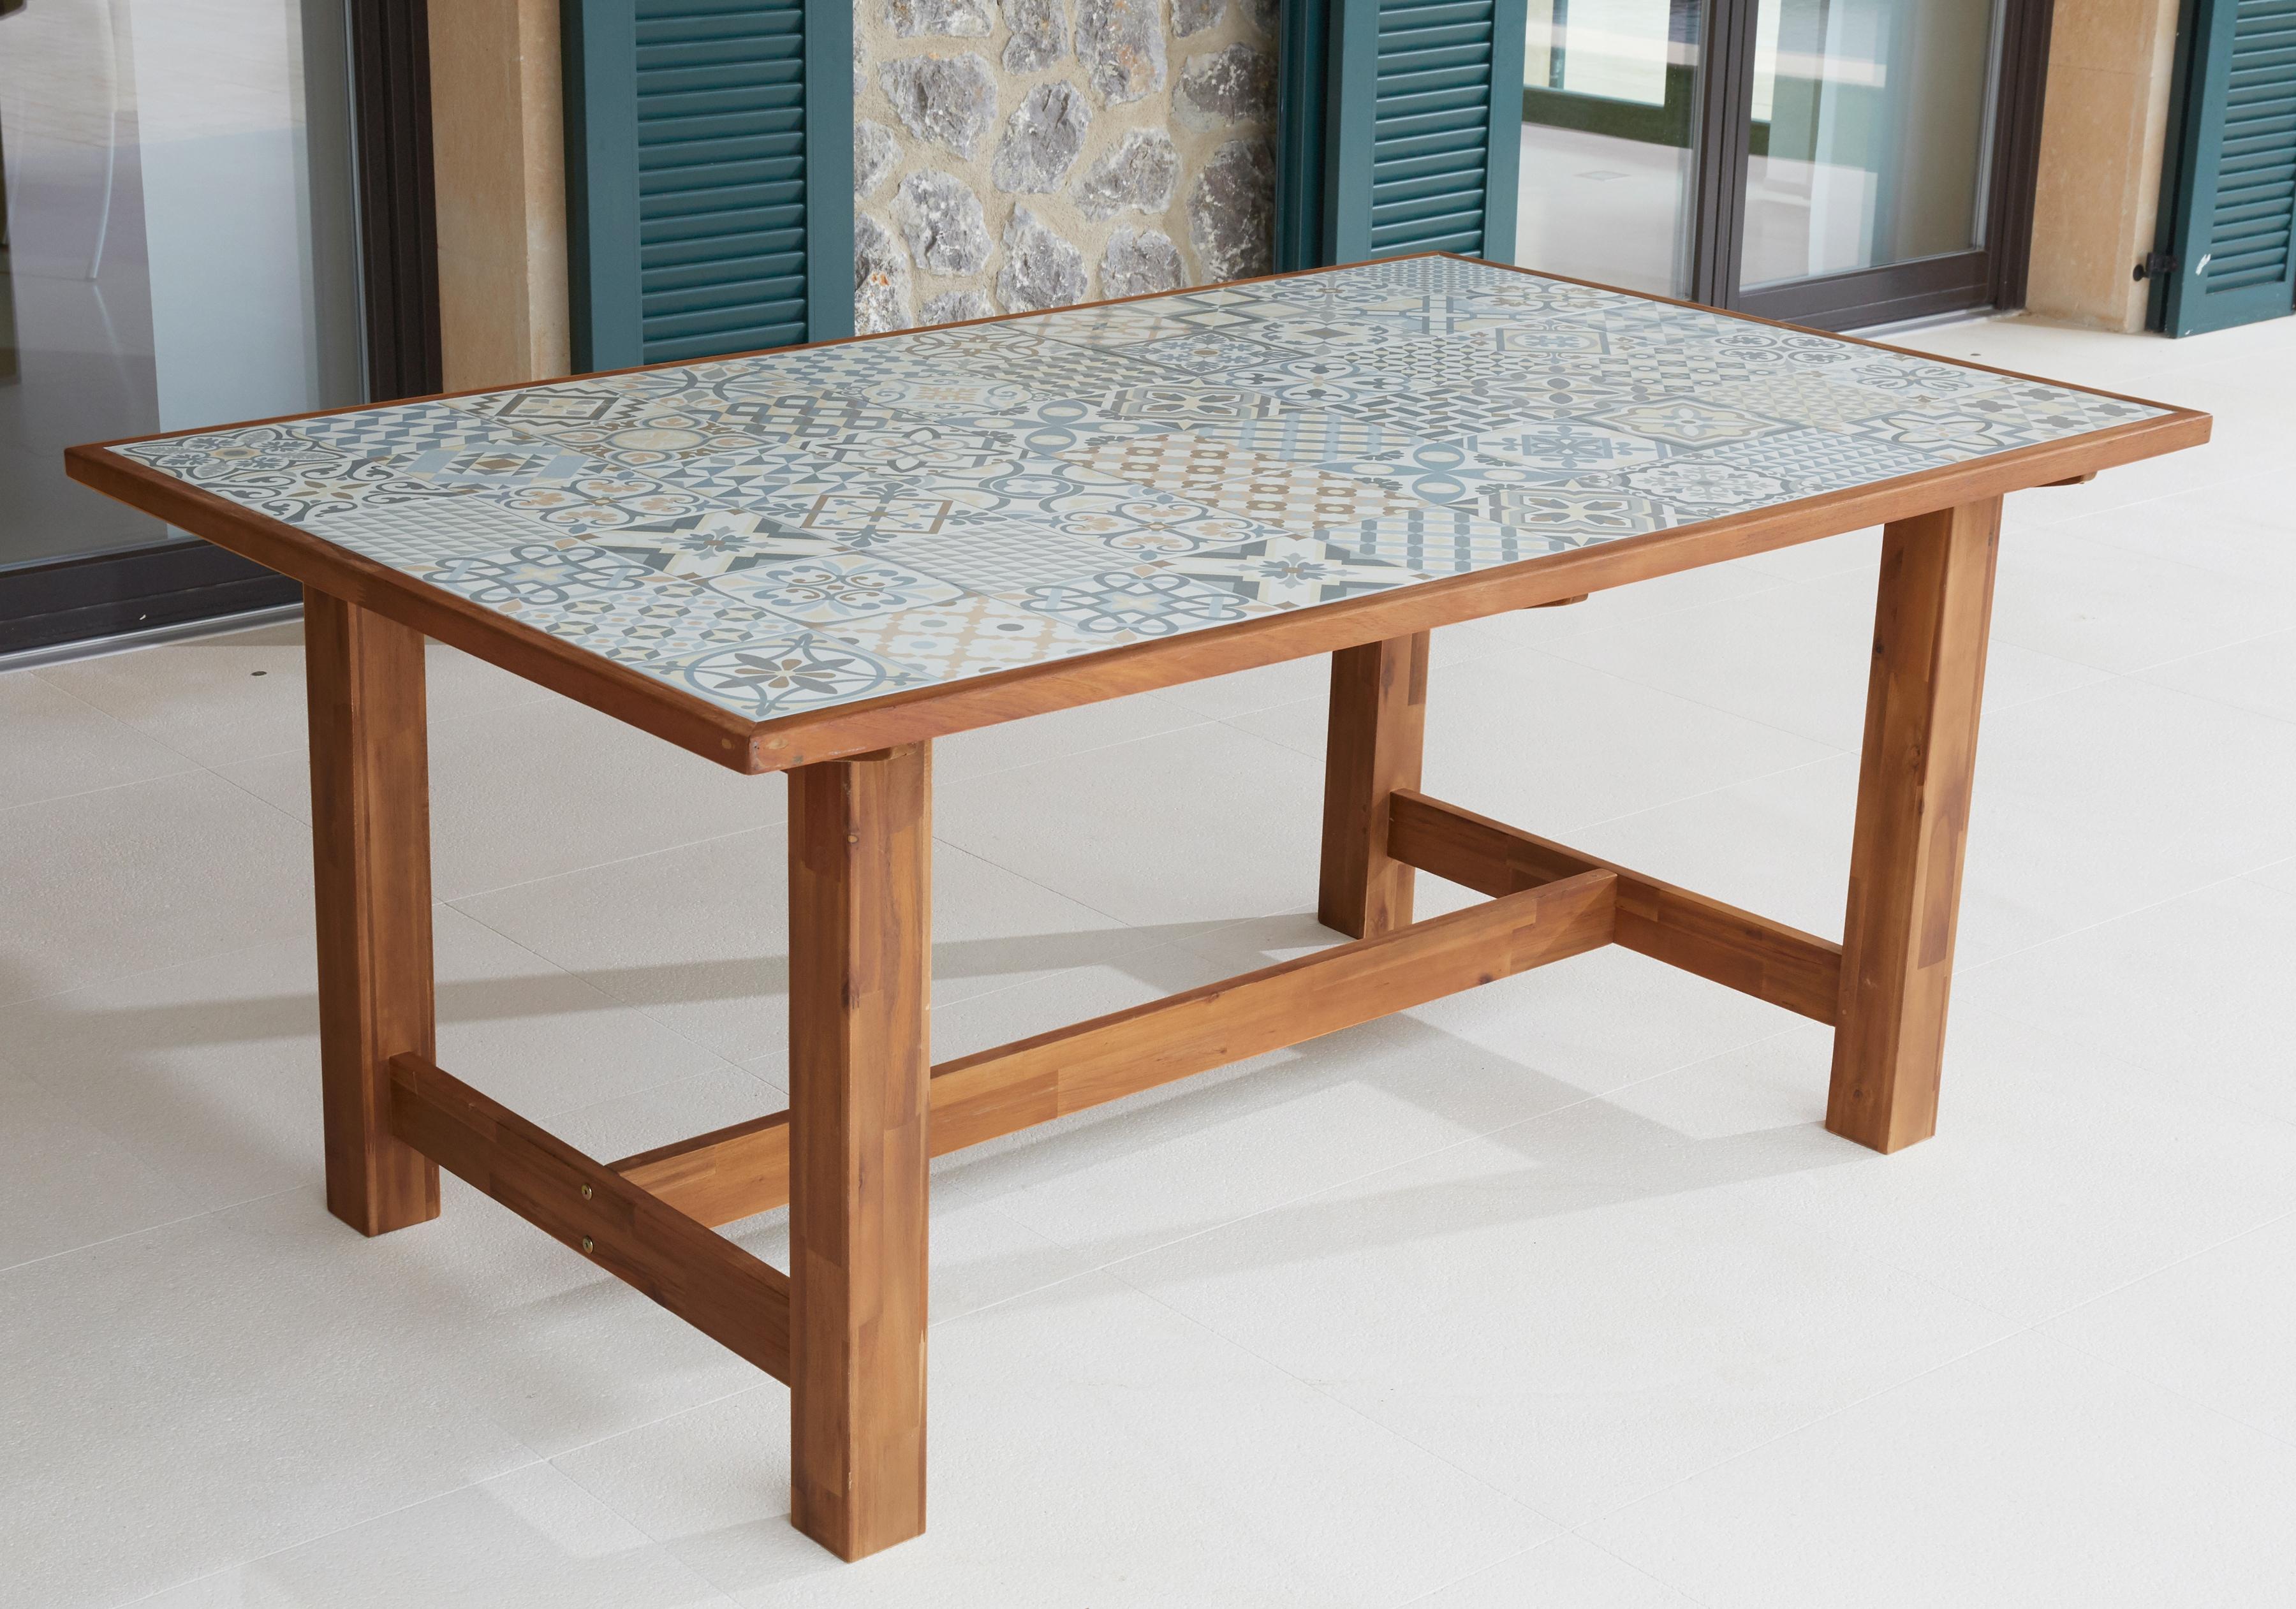 Merxx Gartentisch Torino Keramikfliesentisch Akazie 172x105